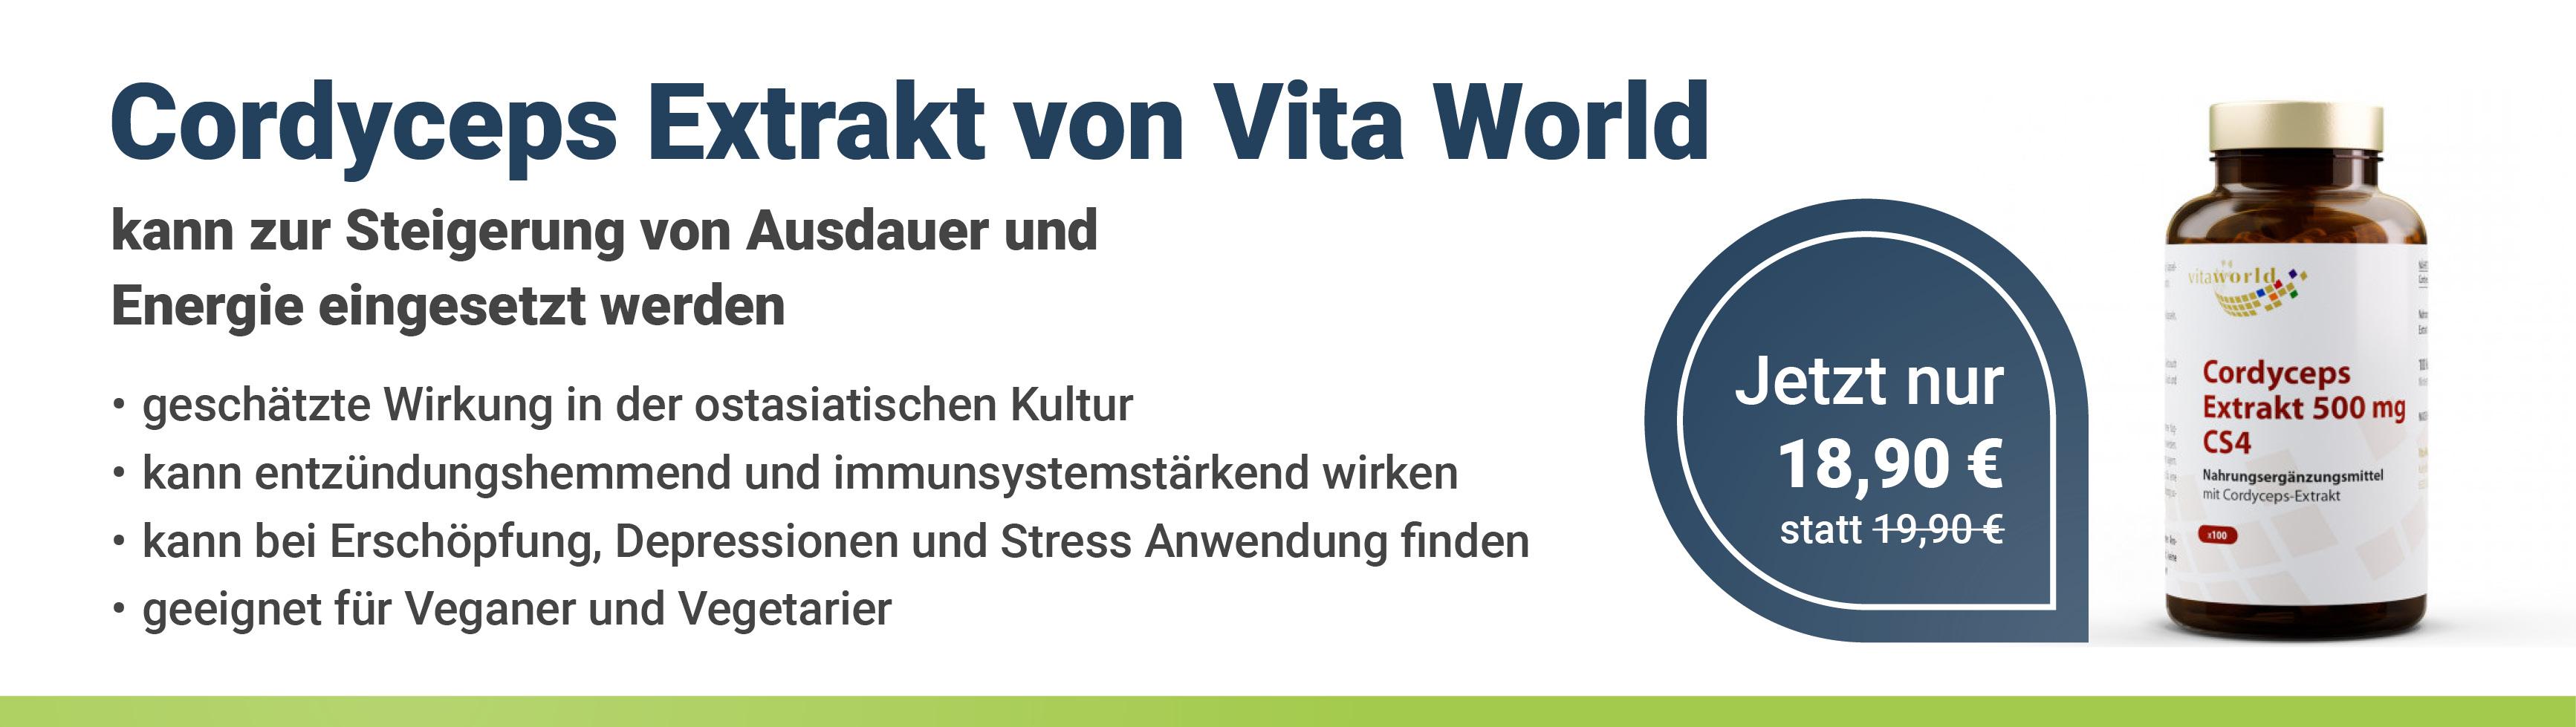 https://www.health-rise.de/wp-content/uploads/2021/10/Cordyceps-Extrakt-von-Vita-World2.jpg